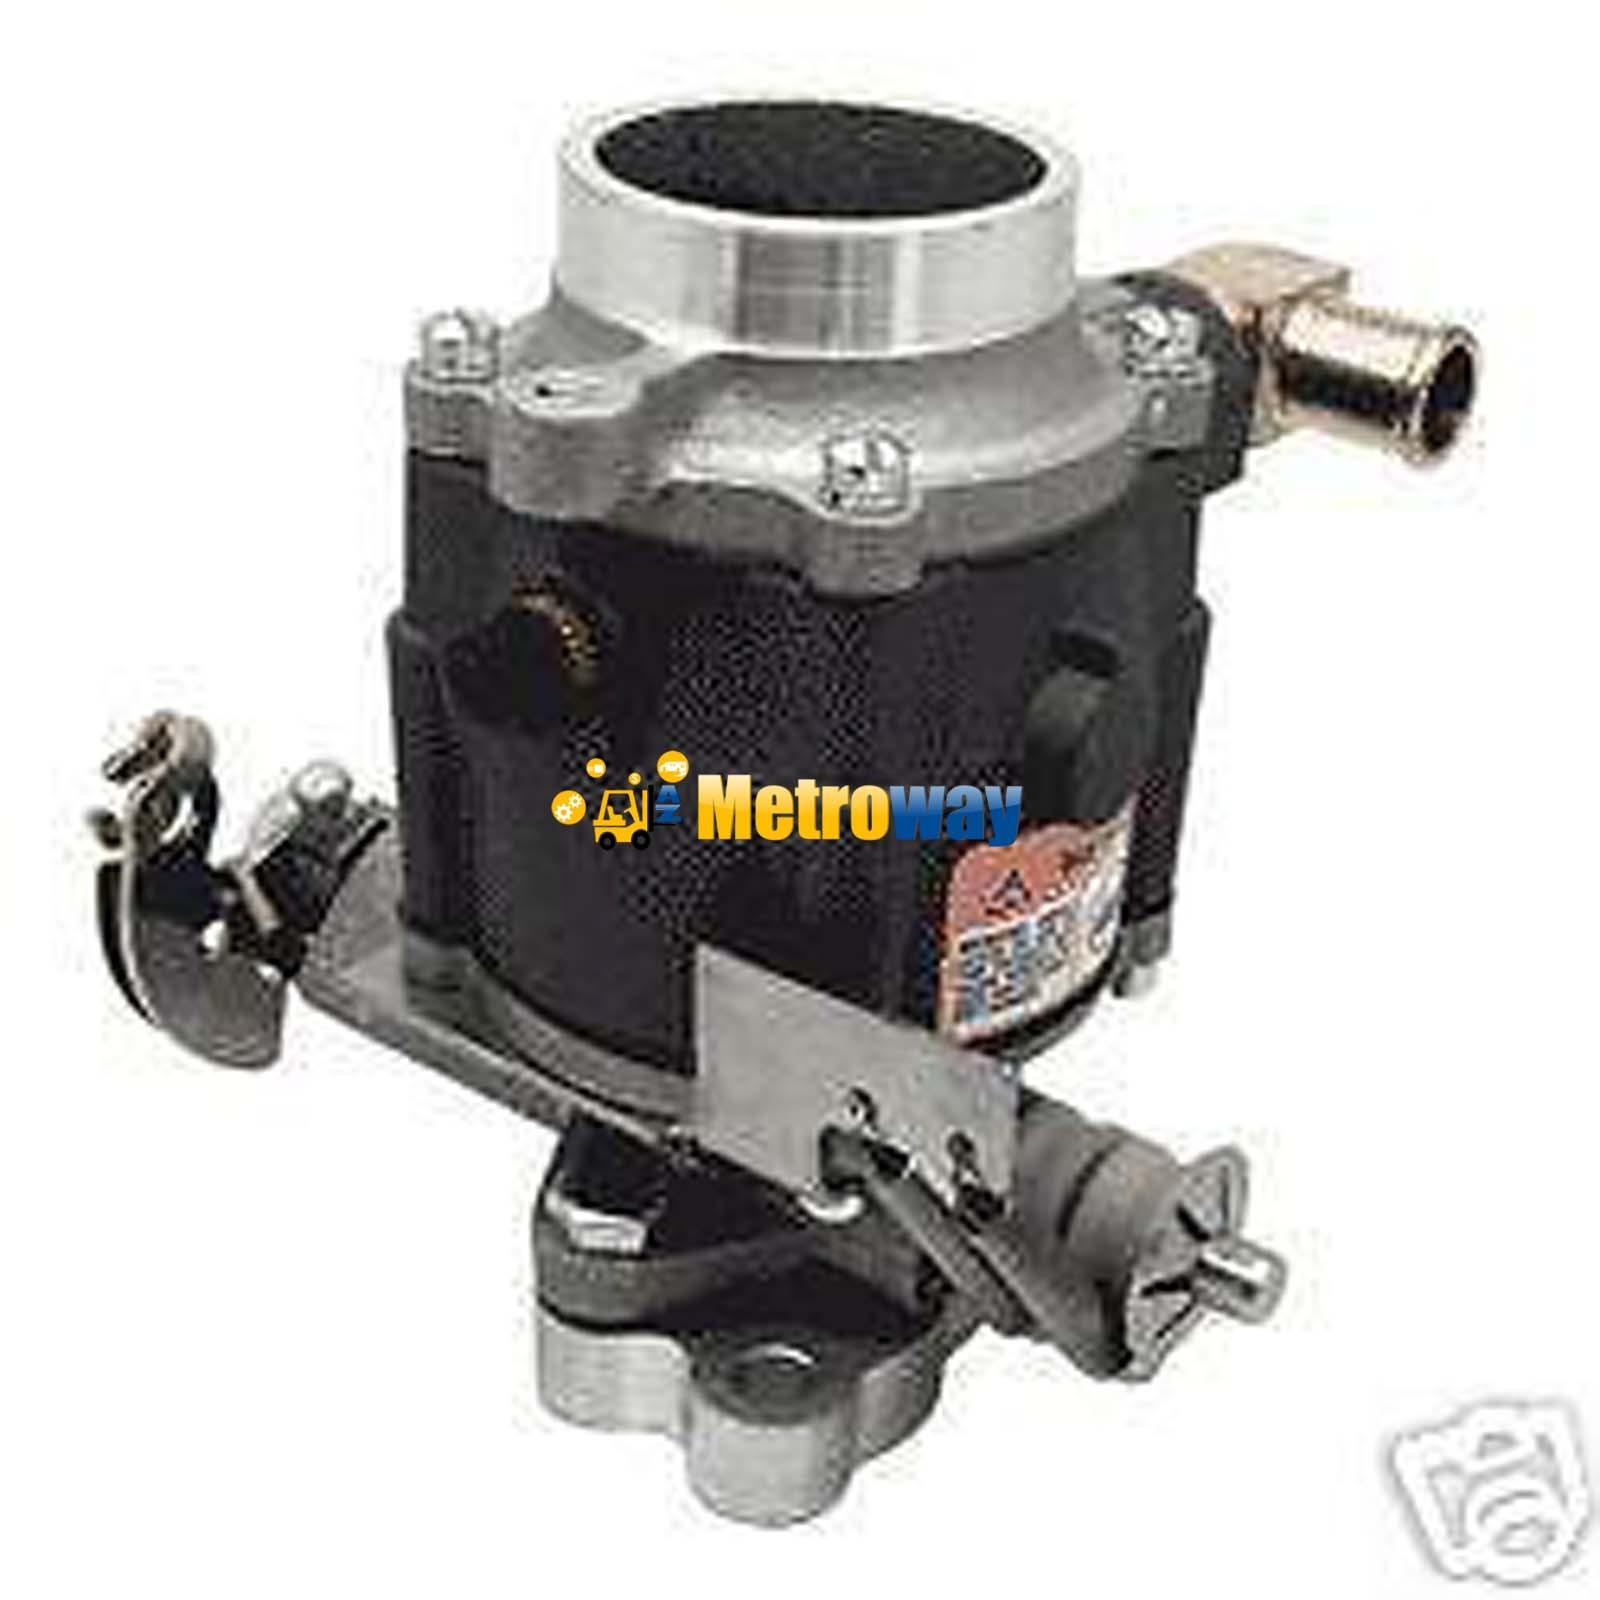 4y engine timing diagram forklift 4p toyota forklift t my wiring rh detoxicrecenze com Tugger Diagram Fork Lift Brake Diagram